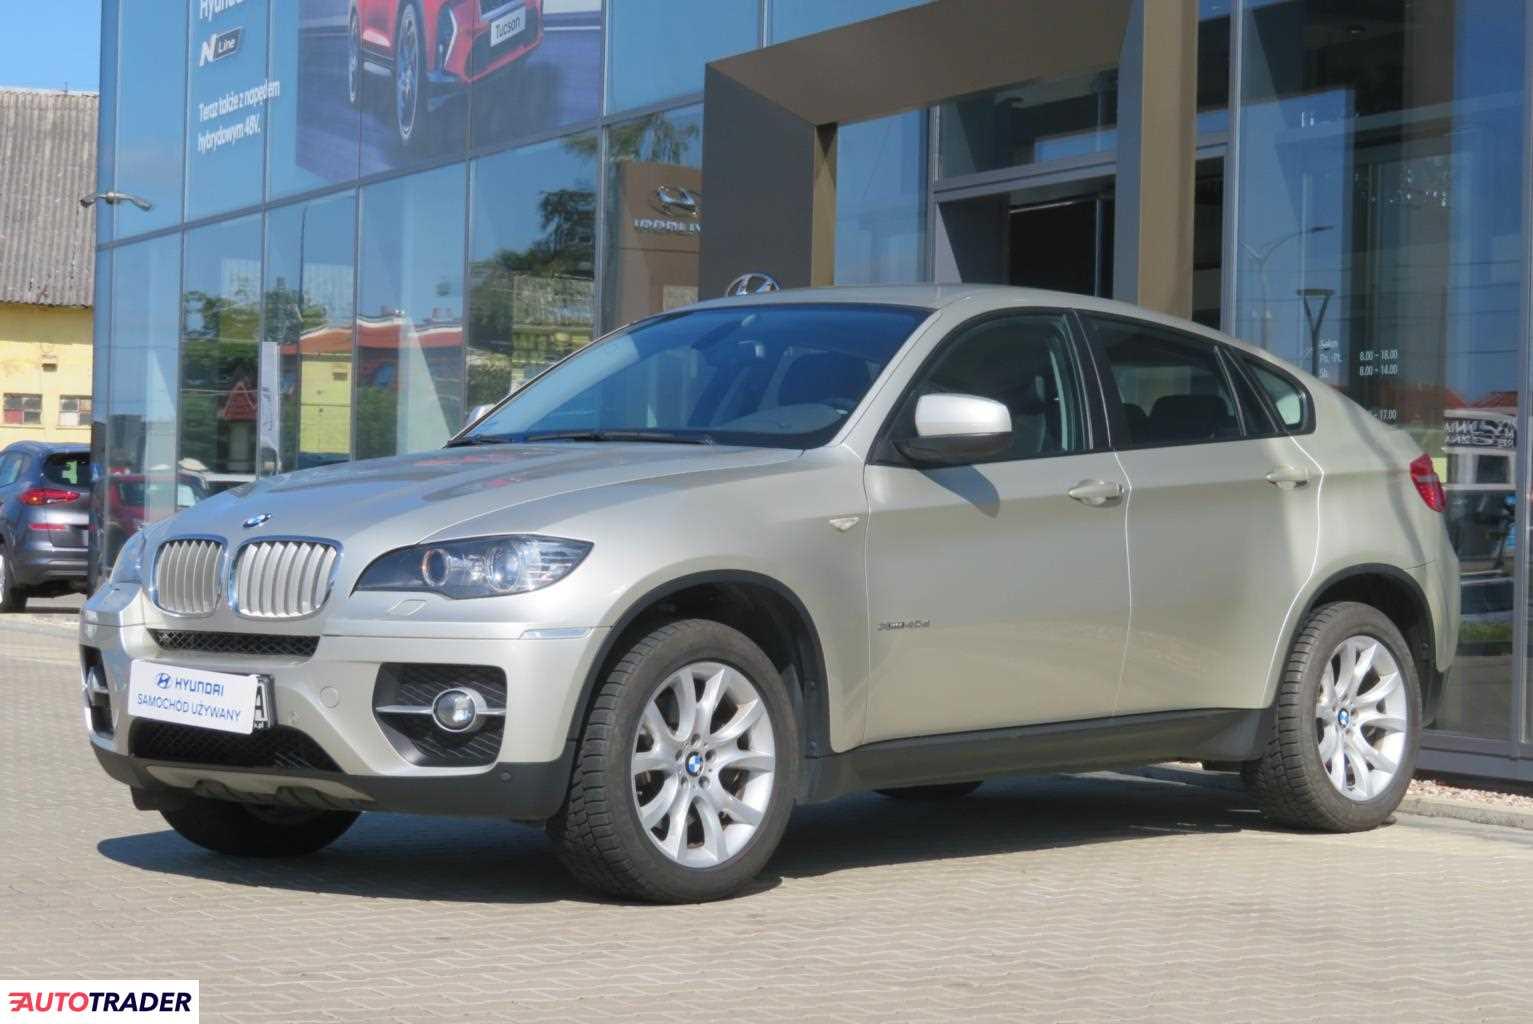 BMW X6 2011 3.0 306 KM